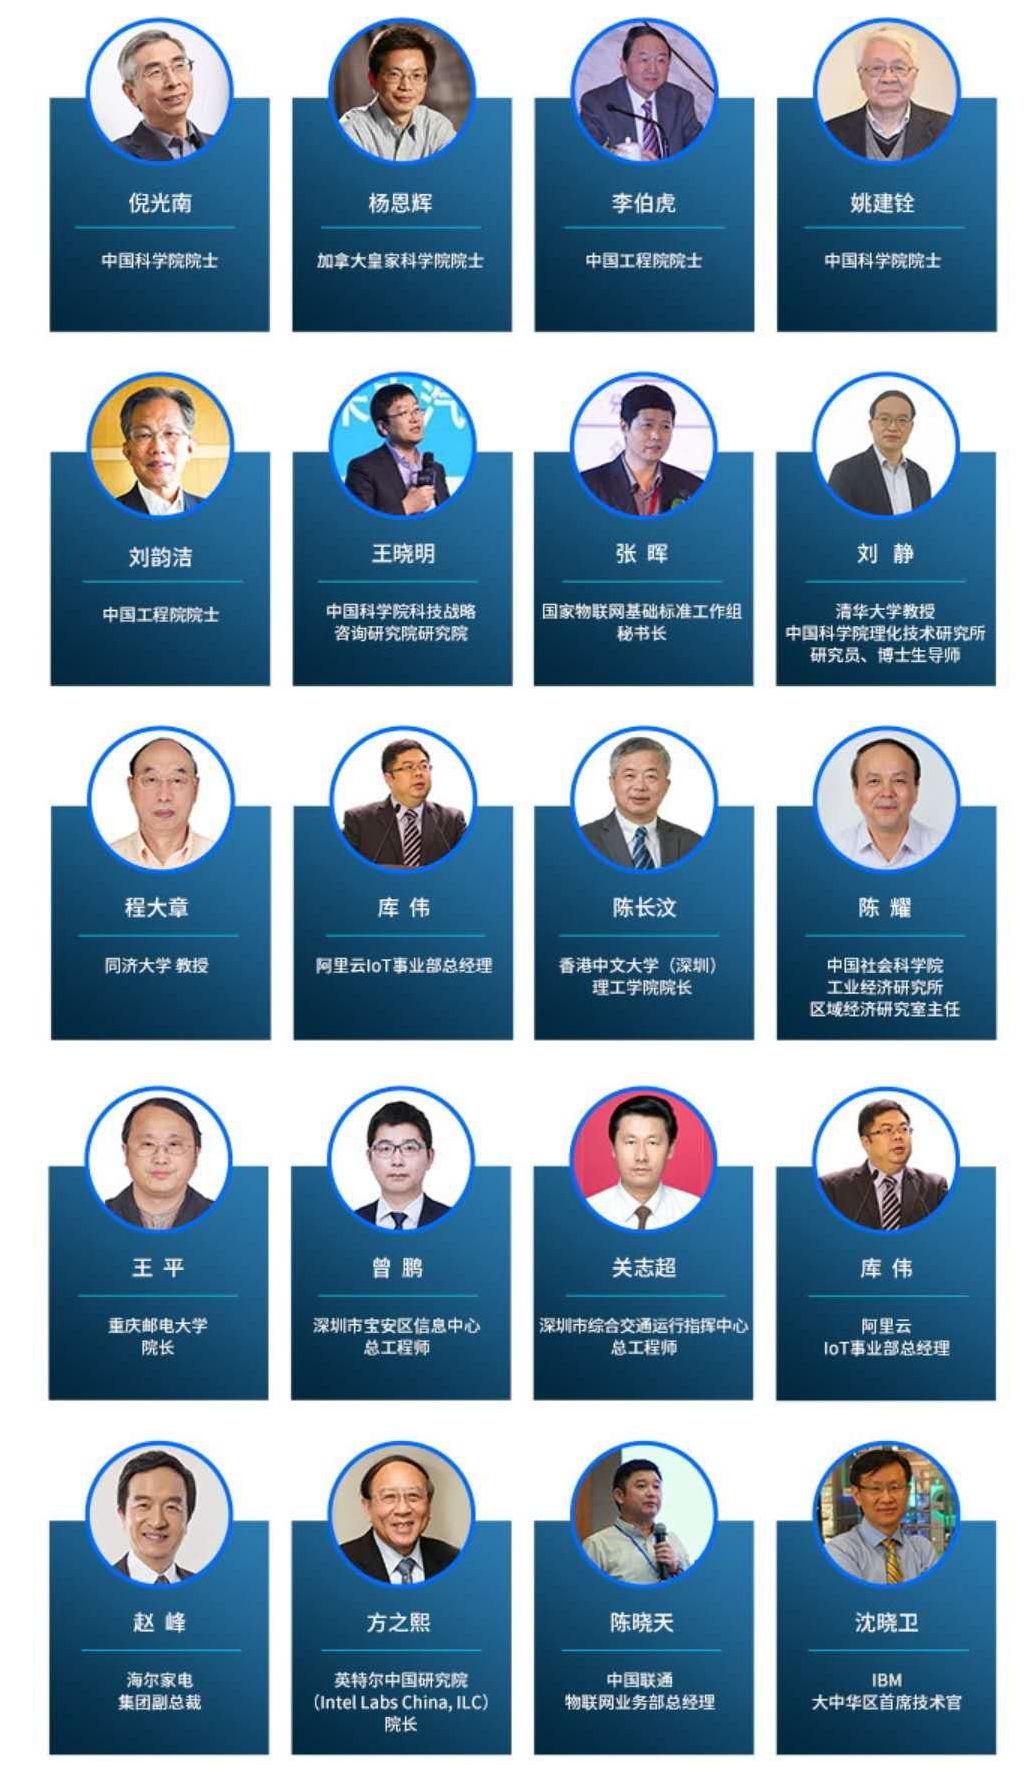 """3000+物联网精英""""组团""""深圳,超10场同期活动等你来加入!"""